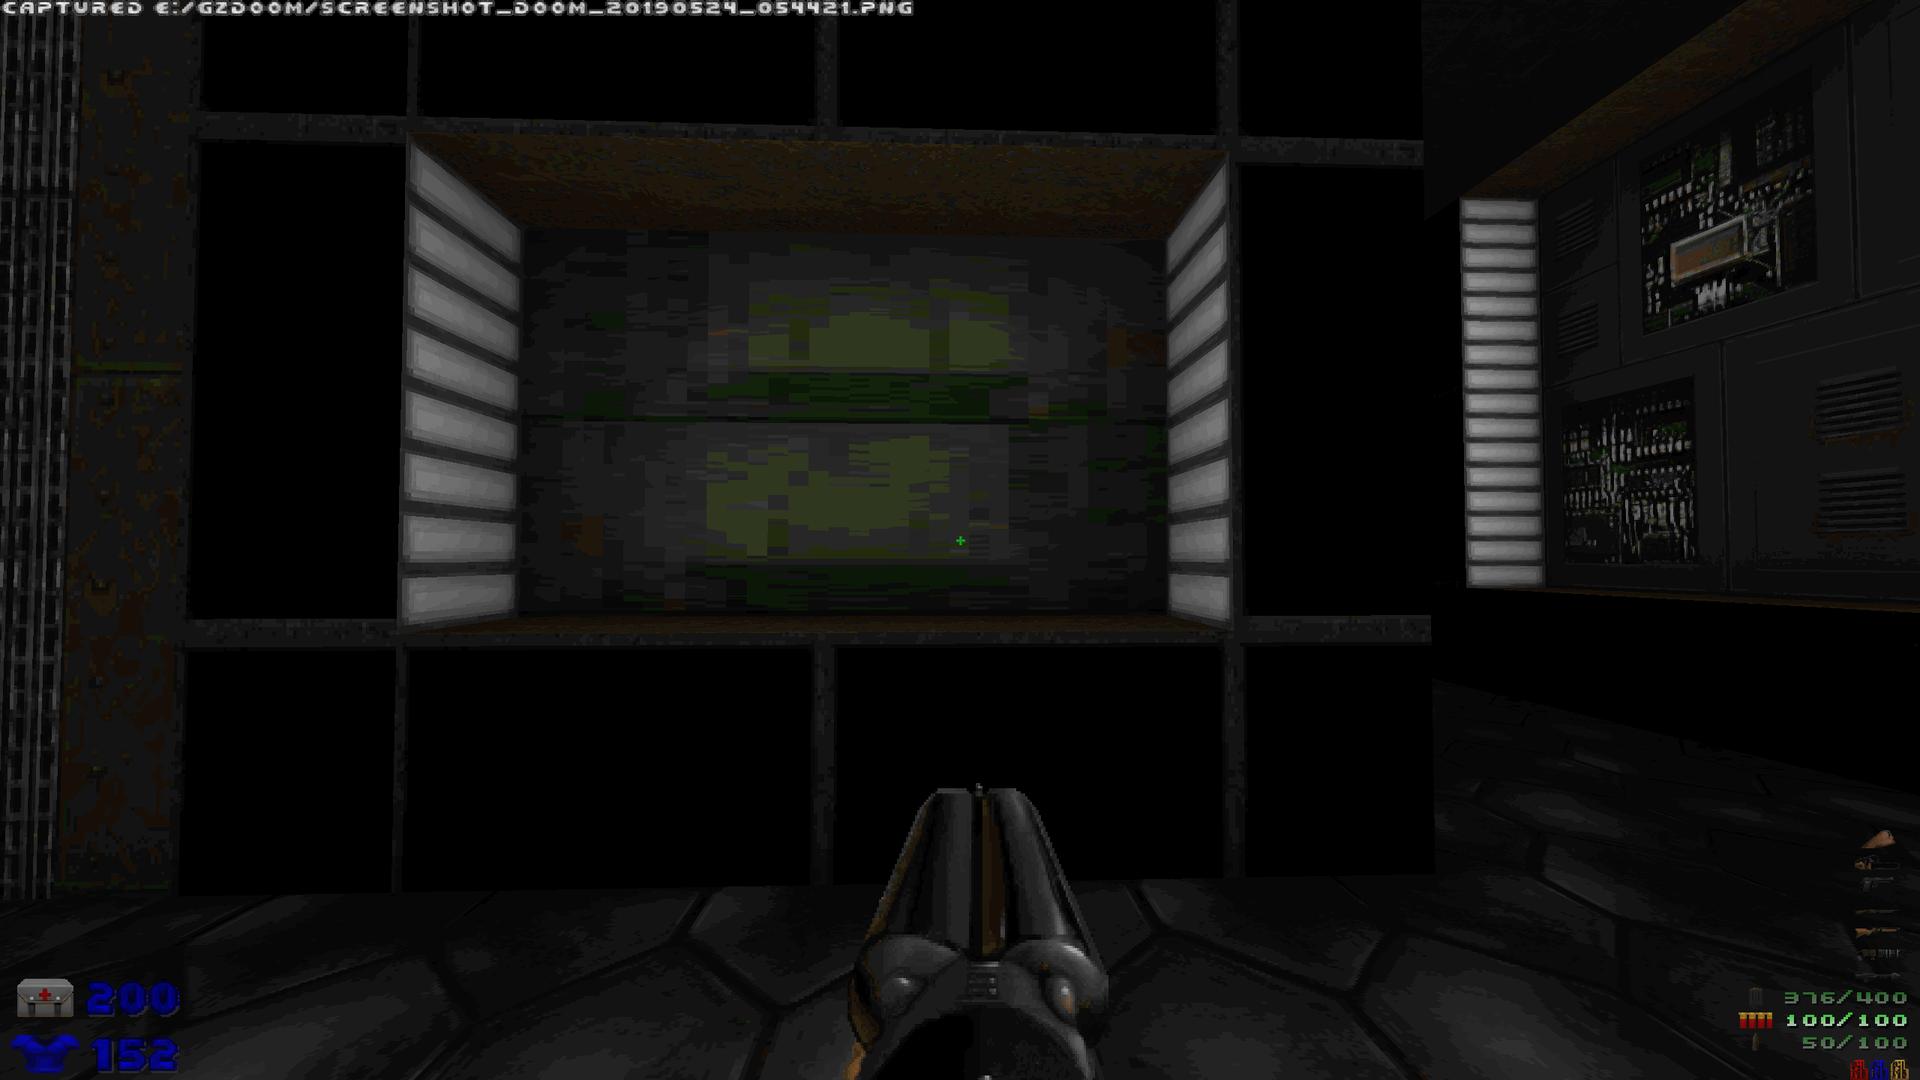 Screenshot_Doom_20190524_054422.png.1aad41cc9ab9158f8eacf1f76e35df5b.png